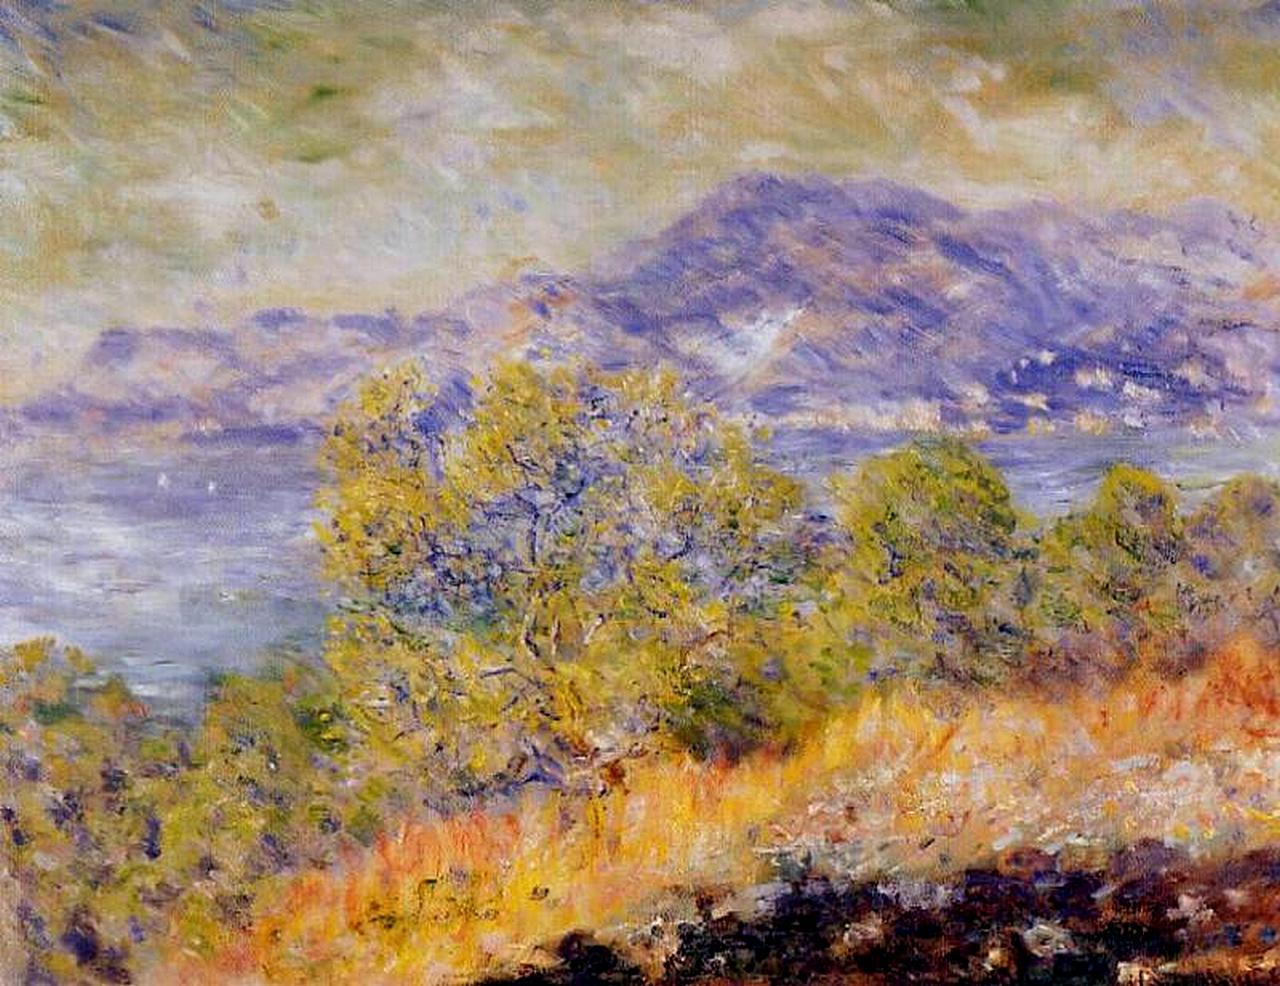 южные пейзажи < Вид на окрестности Вентимилии >:: Клод Моне, описание картины - Моне Клод (Claude Monet) фото